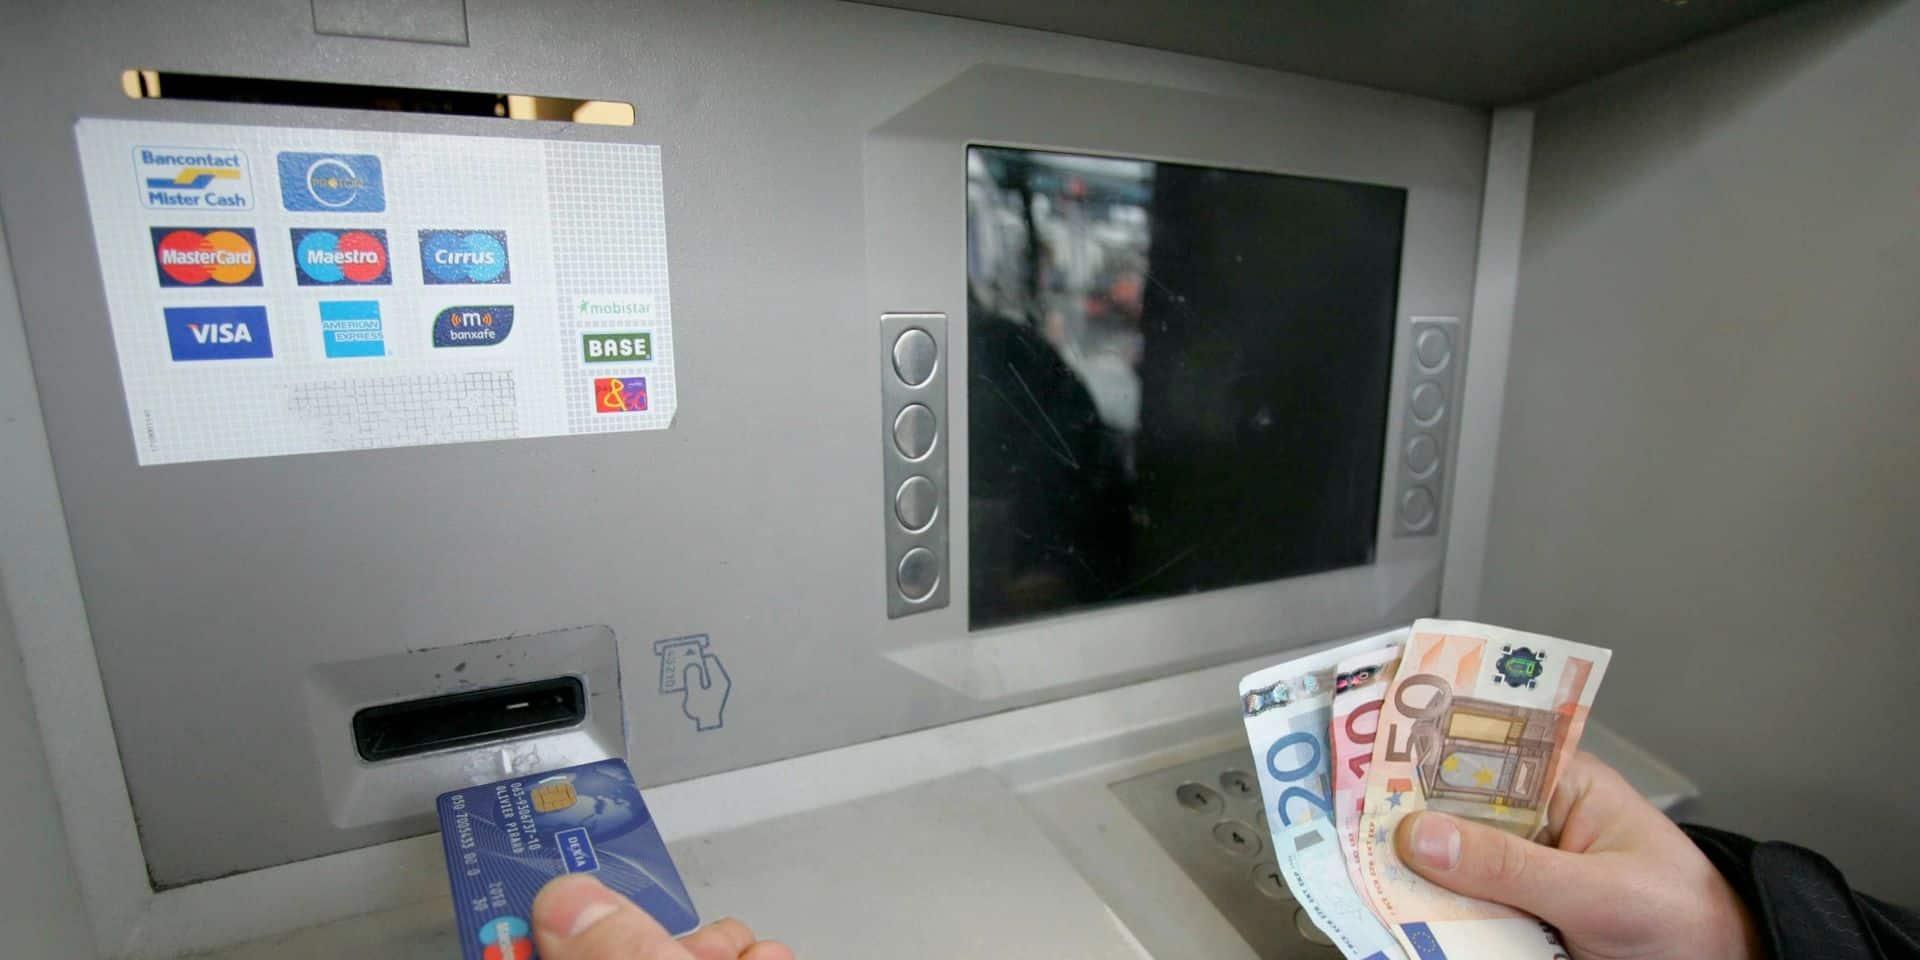 """Test Achats peste contre la future diminution des distributeurs en Belgique: """"Les banques se la jouent solo"""""""